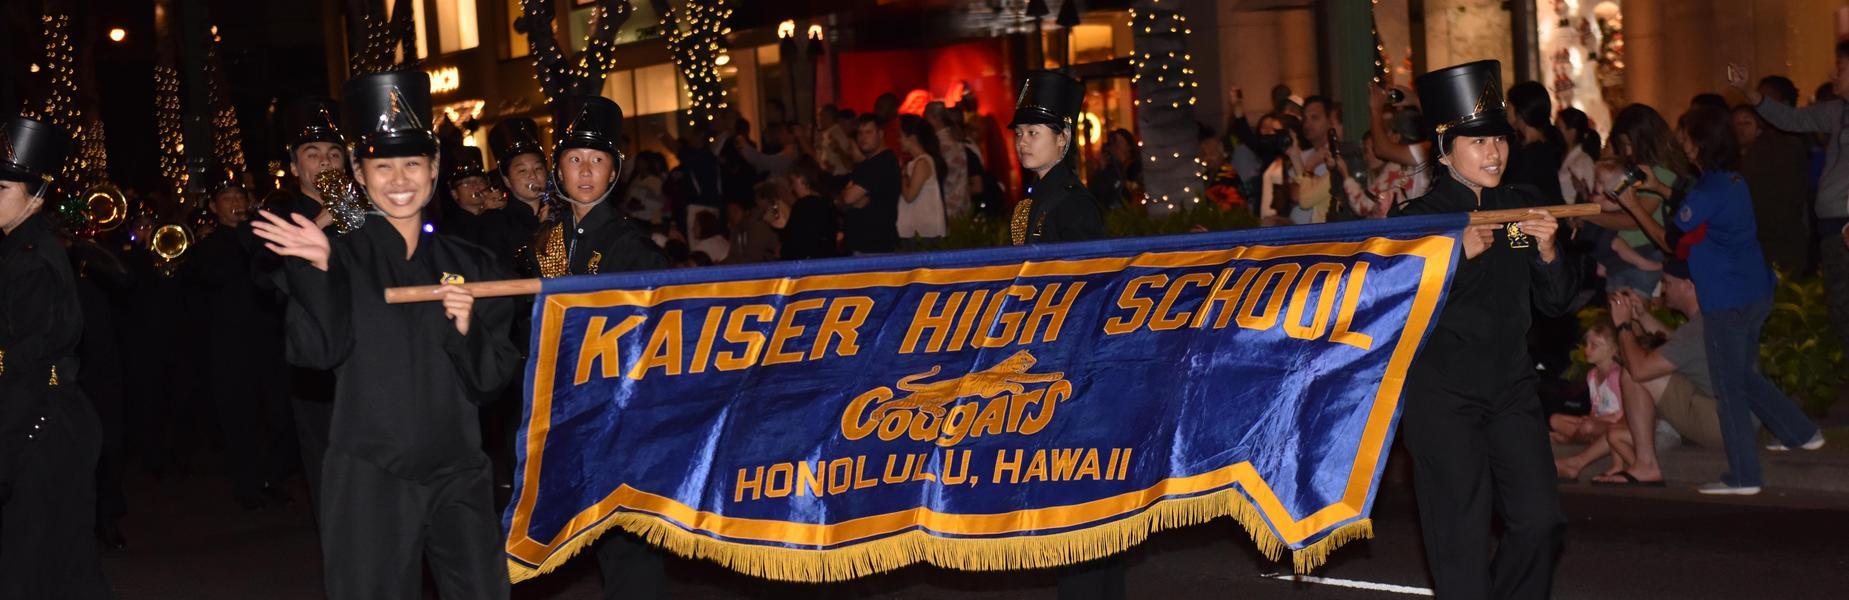 Kaiser band in holiday parade